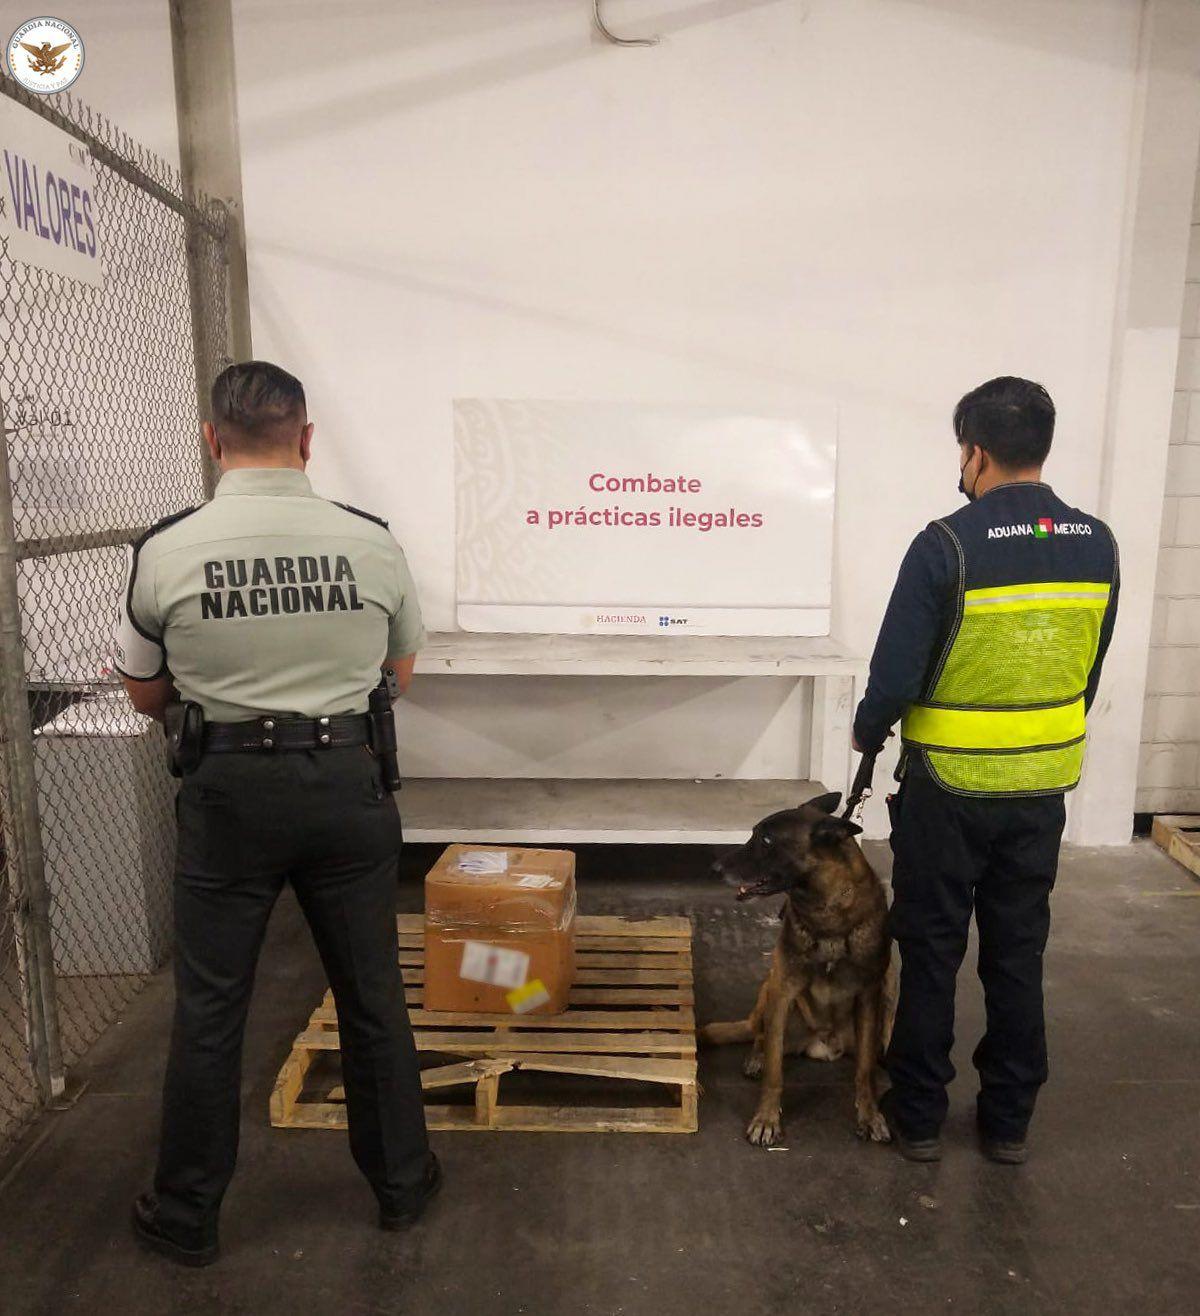 Los agentes estadounidenses decomisan más droga en la frontera que los mexicanos